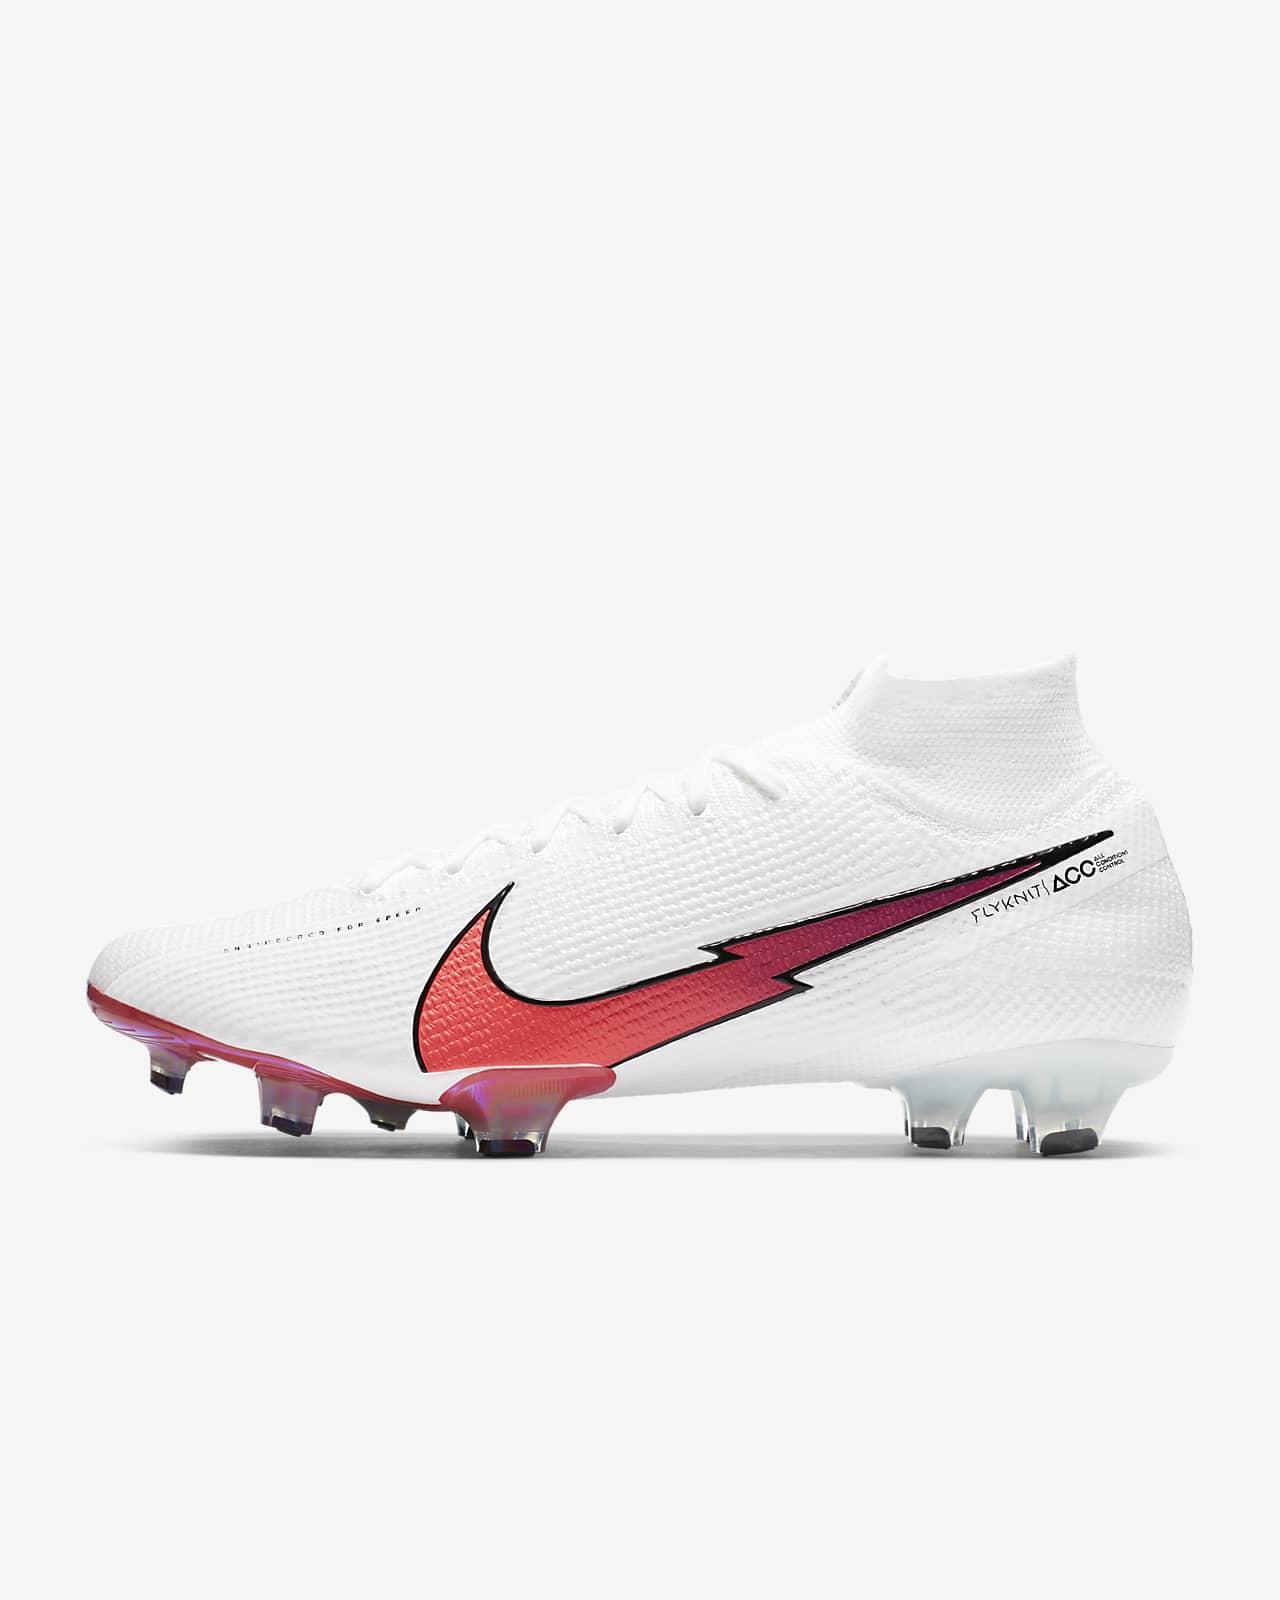 Nike Mercurial Superfly 7 Elite FG Fußballschuh für normalen Rasen